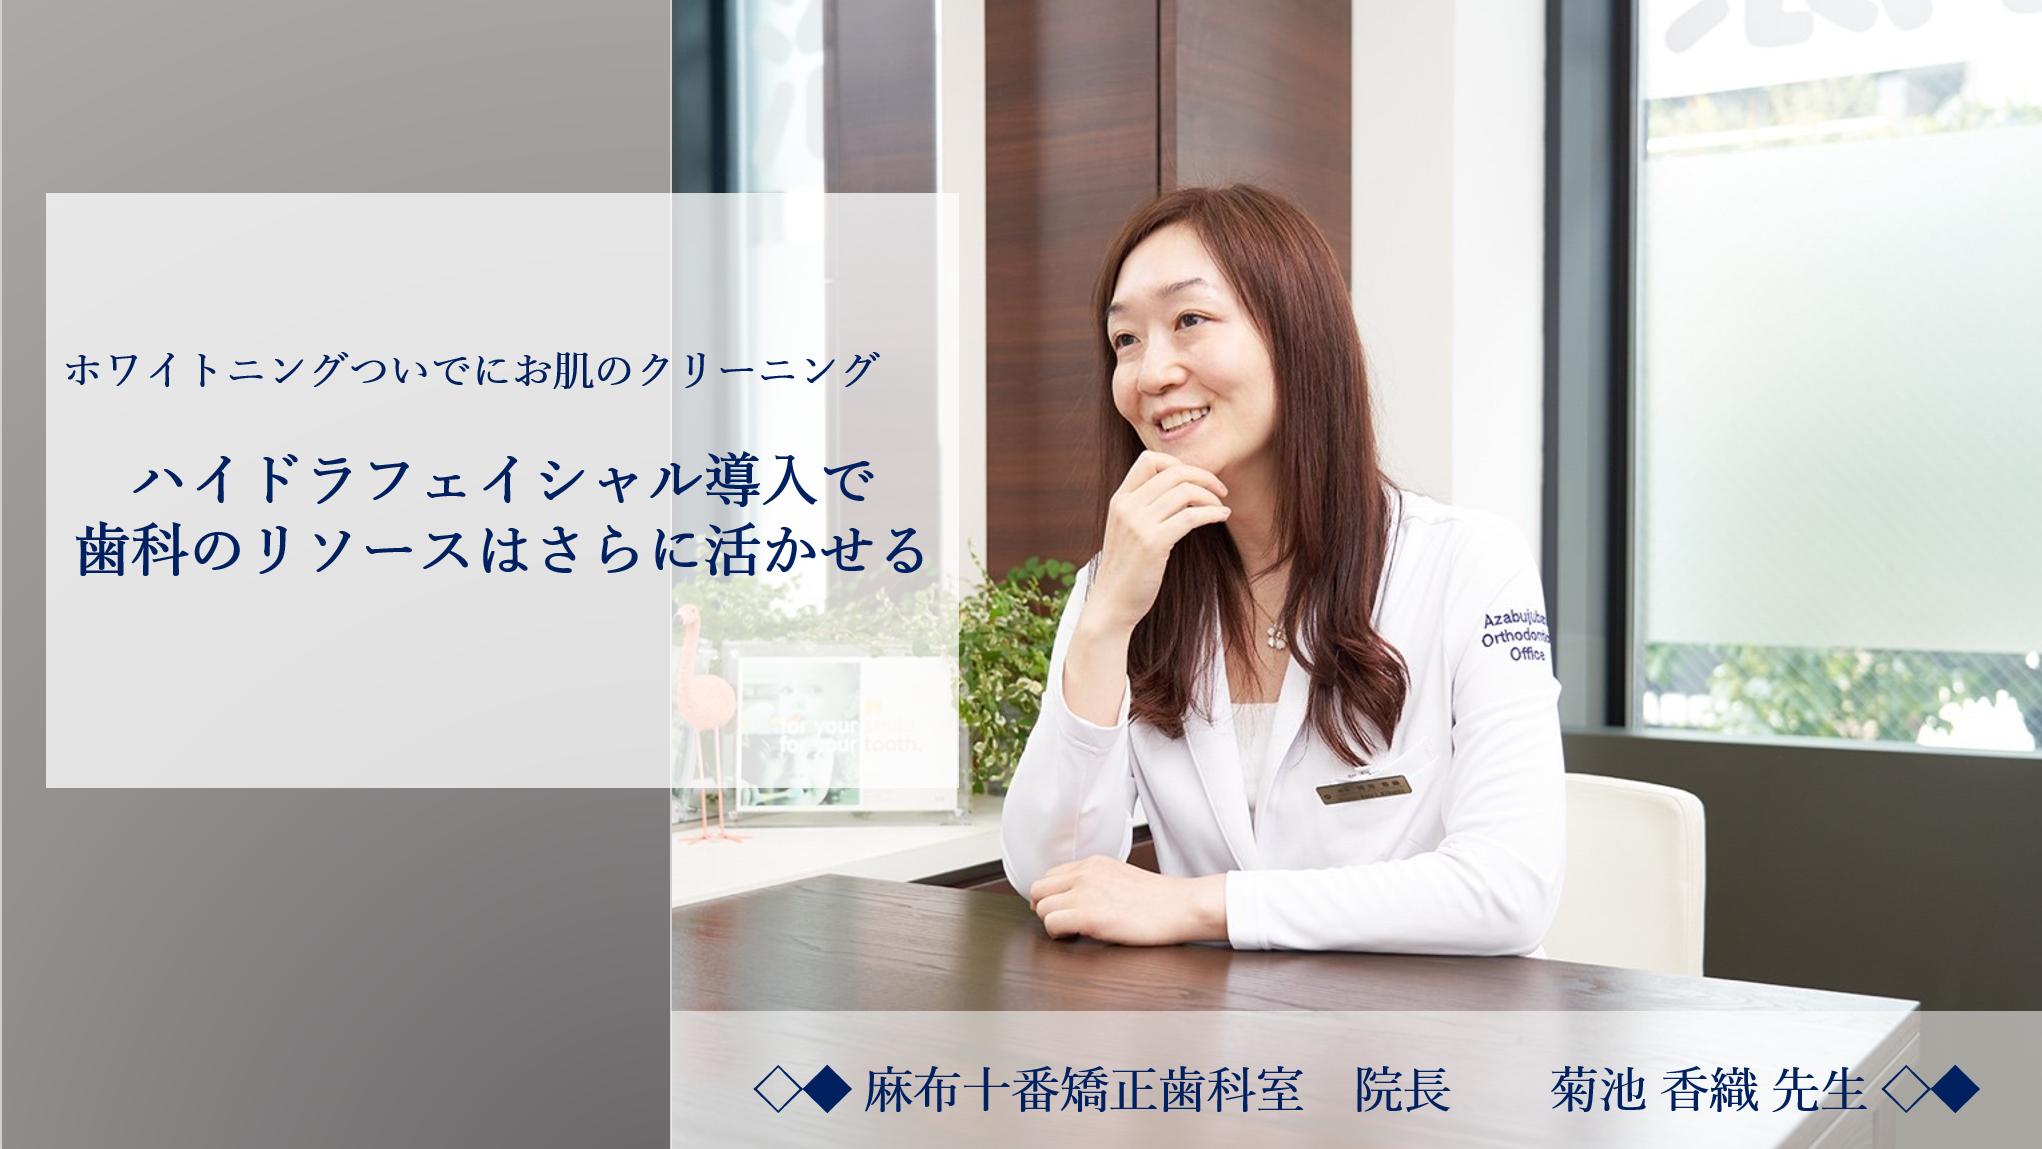 ホワイトニングついでにお肌のクリーニング ハイドラフェイシャル導入で 歯科のリソースはさらに活かせる